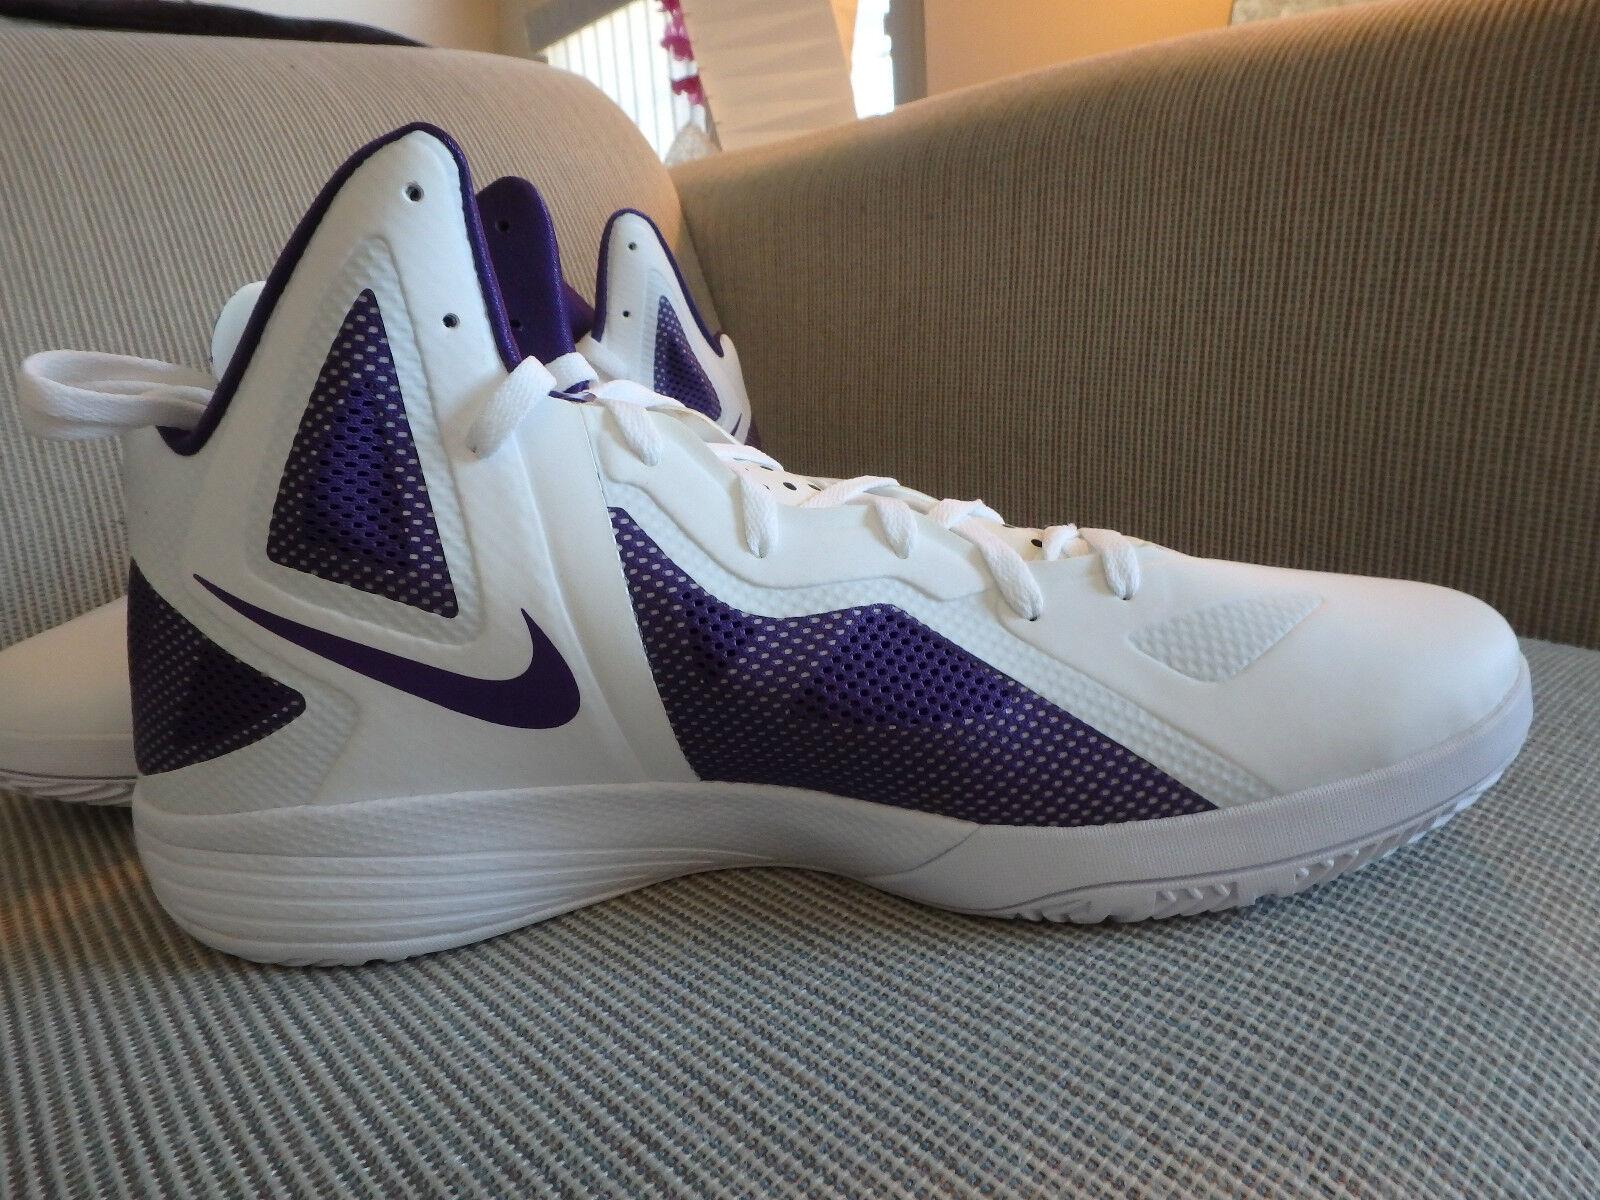 Nike Zoom Hyperfuse 2018 de baloncesto de los hombres zapatos 454146 blanco / violeta TB 454146 zapatos 001 SZ 18 el último descuento zapatos para hombres y mujeres 101905